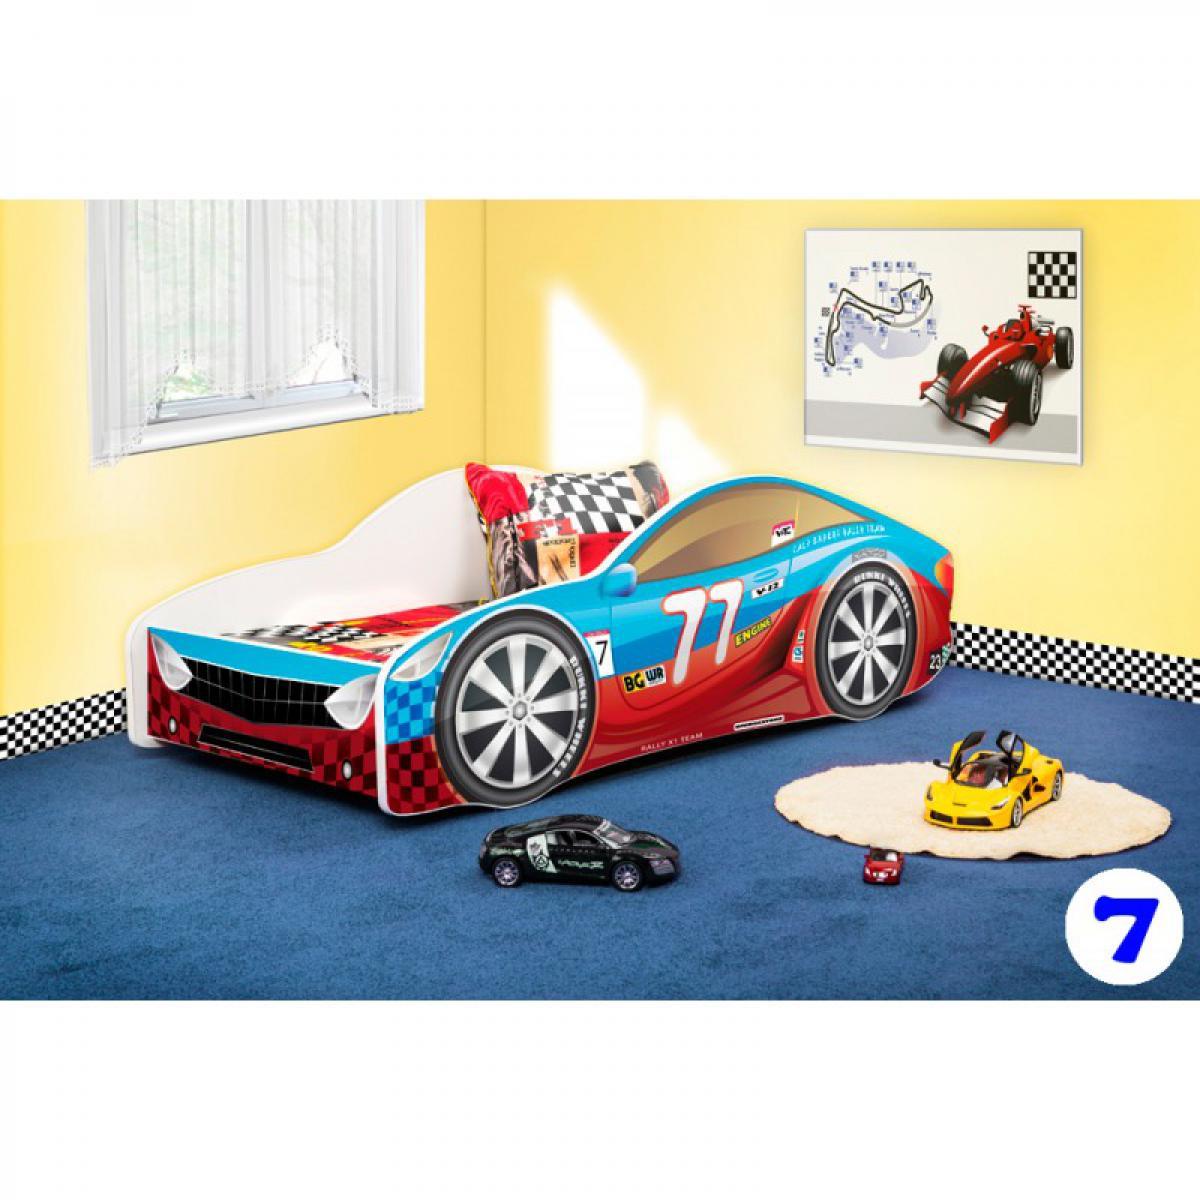 Bim Furniture Lit Voiture Enfant 160x80 cm Rouge et Bleu 77 avec sommier et matelas